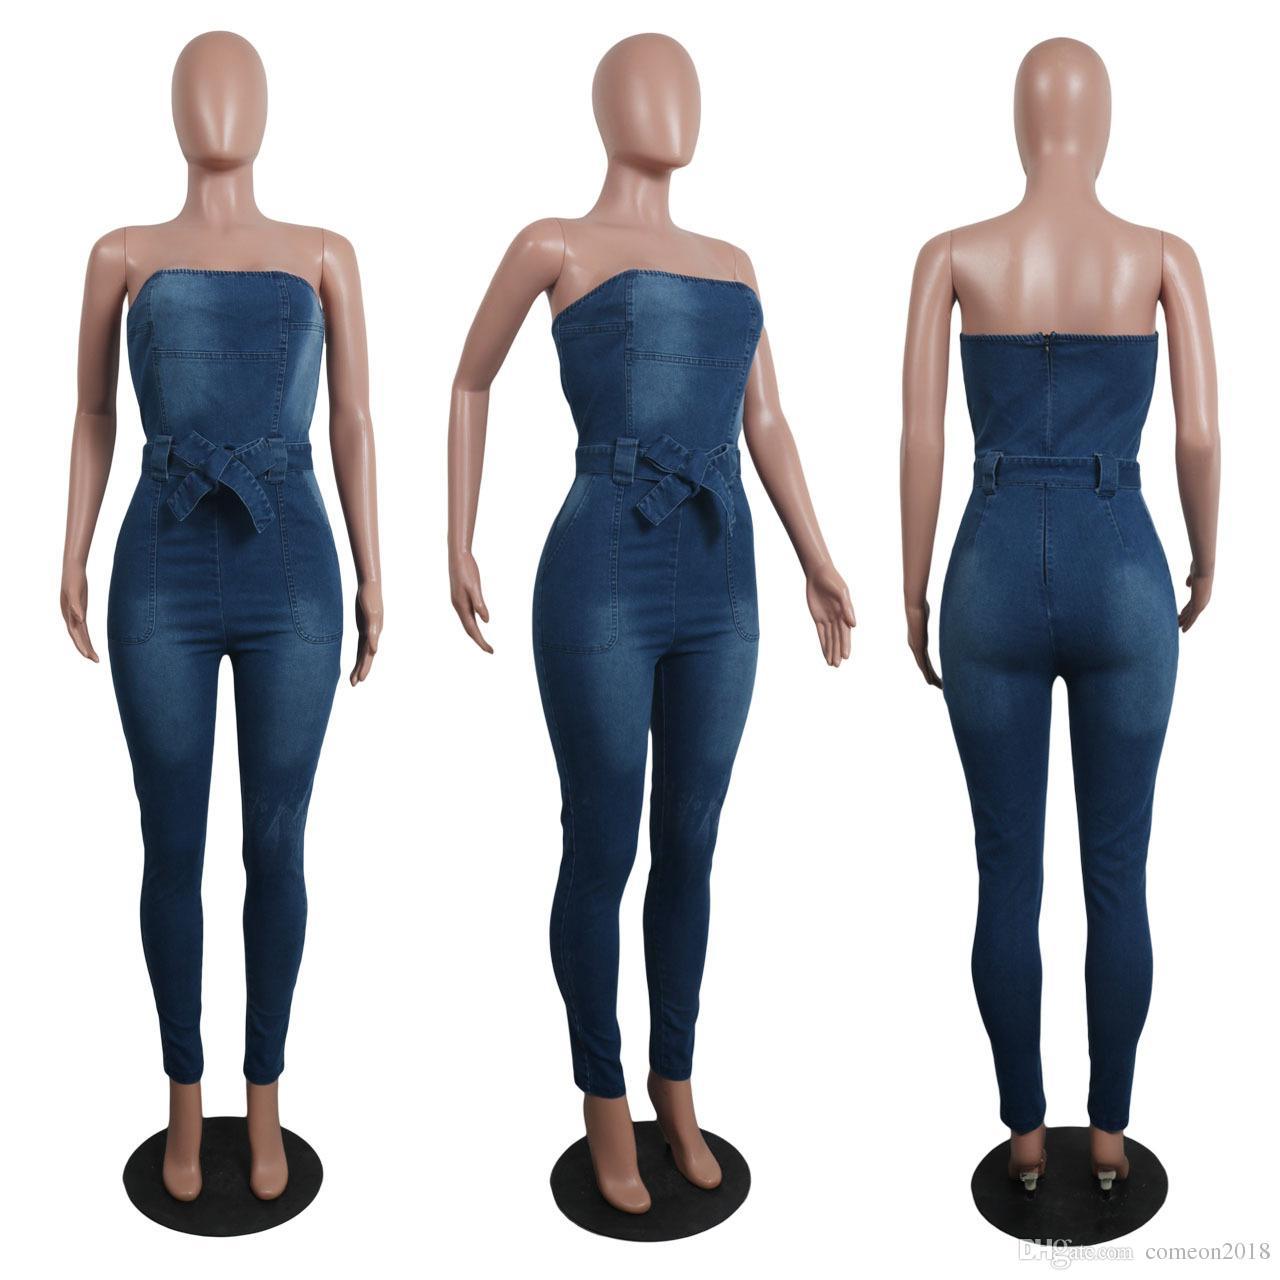 여성 Jumpsuituits 데님 패션 Rompers 섹시한 탄성 여성 보우 브래지어 Jumpsuit 청바지 민소매 캐주얼 점프 슈트 캐주얼 오버 올즈